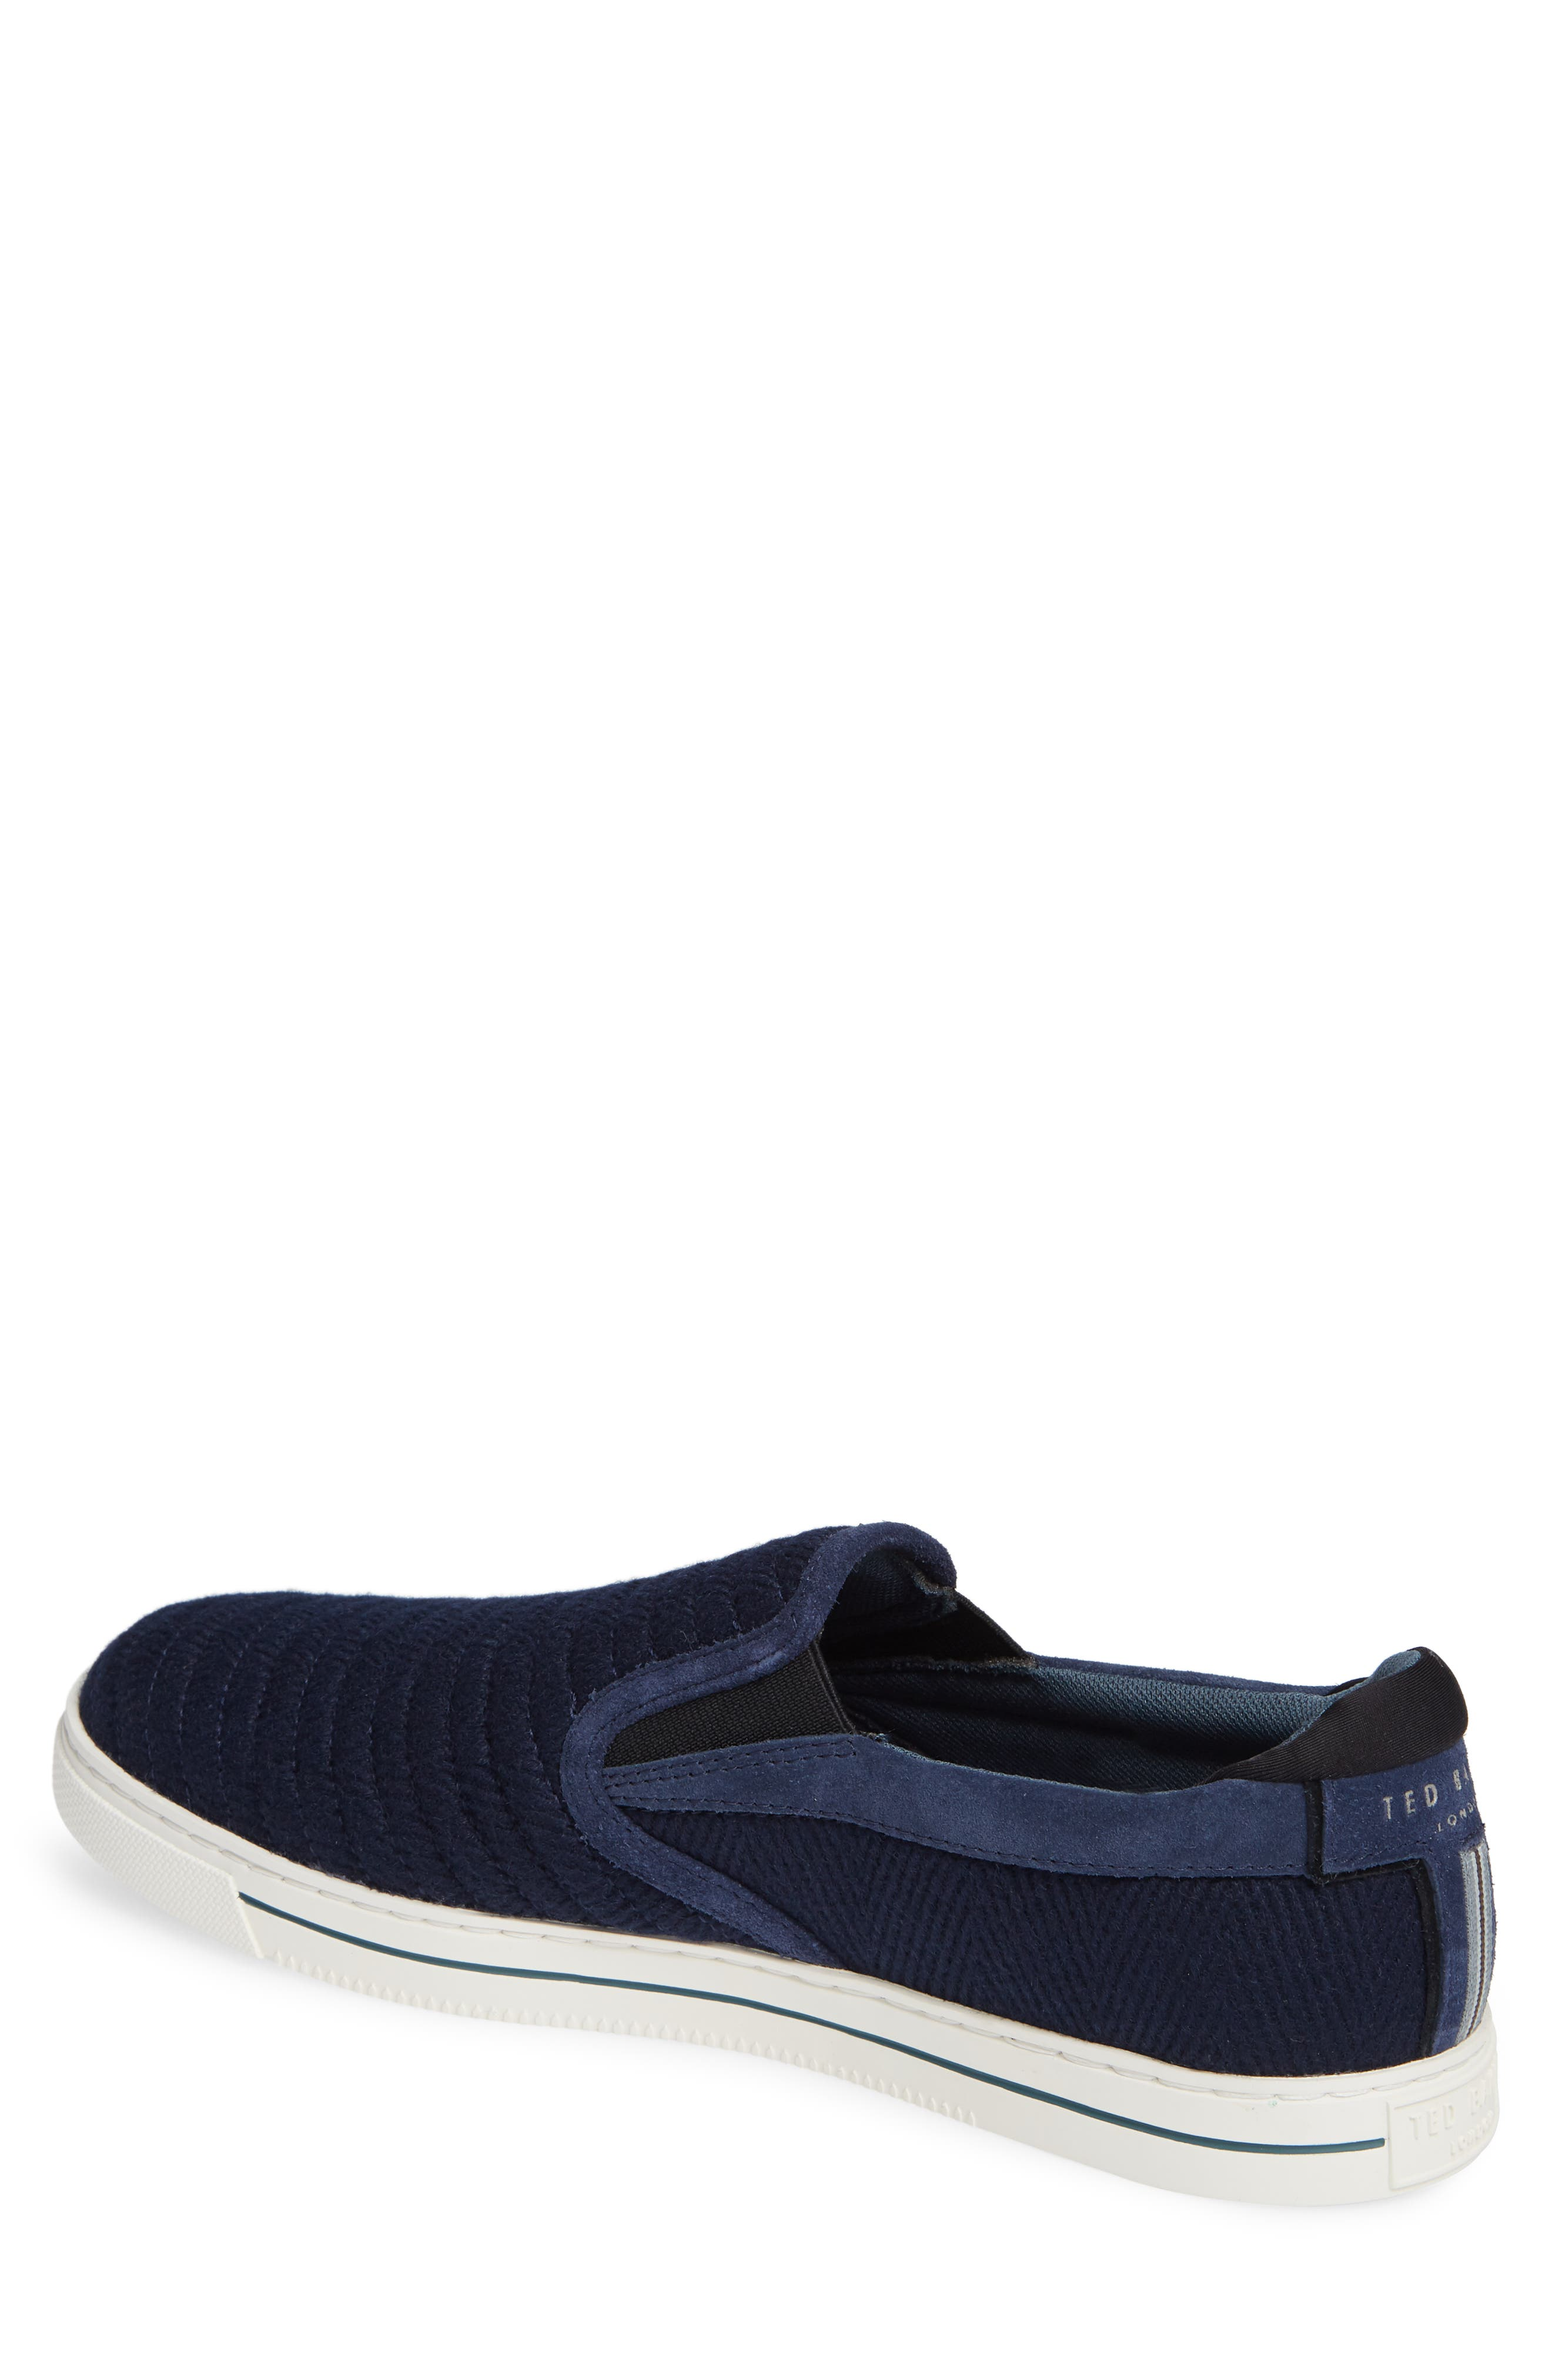 Daniam Slip-On Sneaker,                             Alternate thumbnail 2, color,                             DARK BLUE WOOL